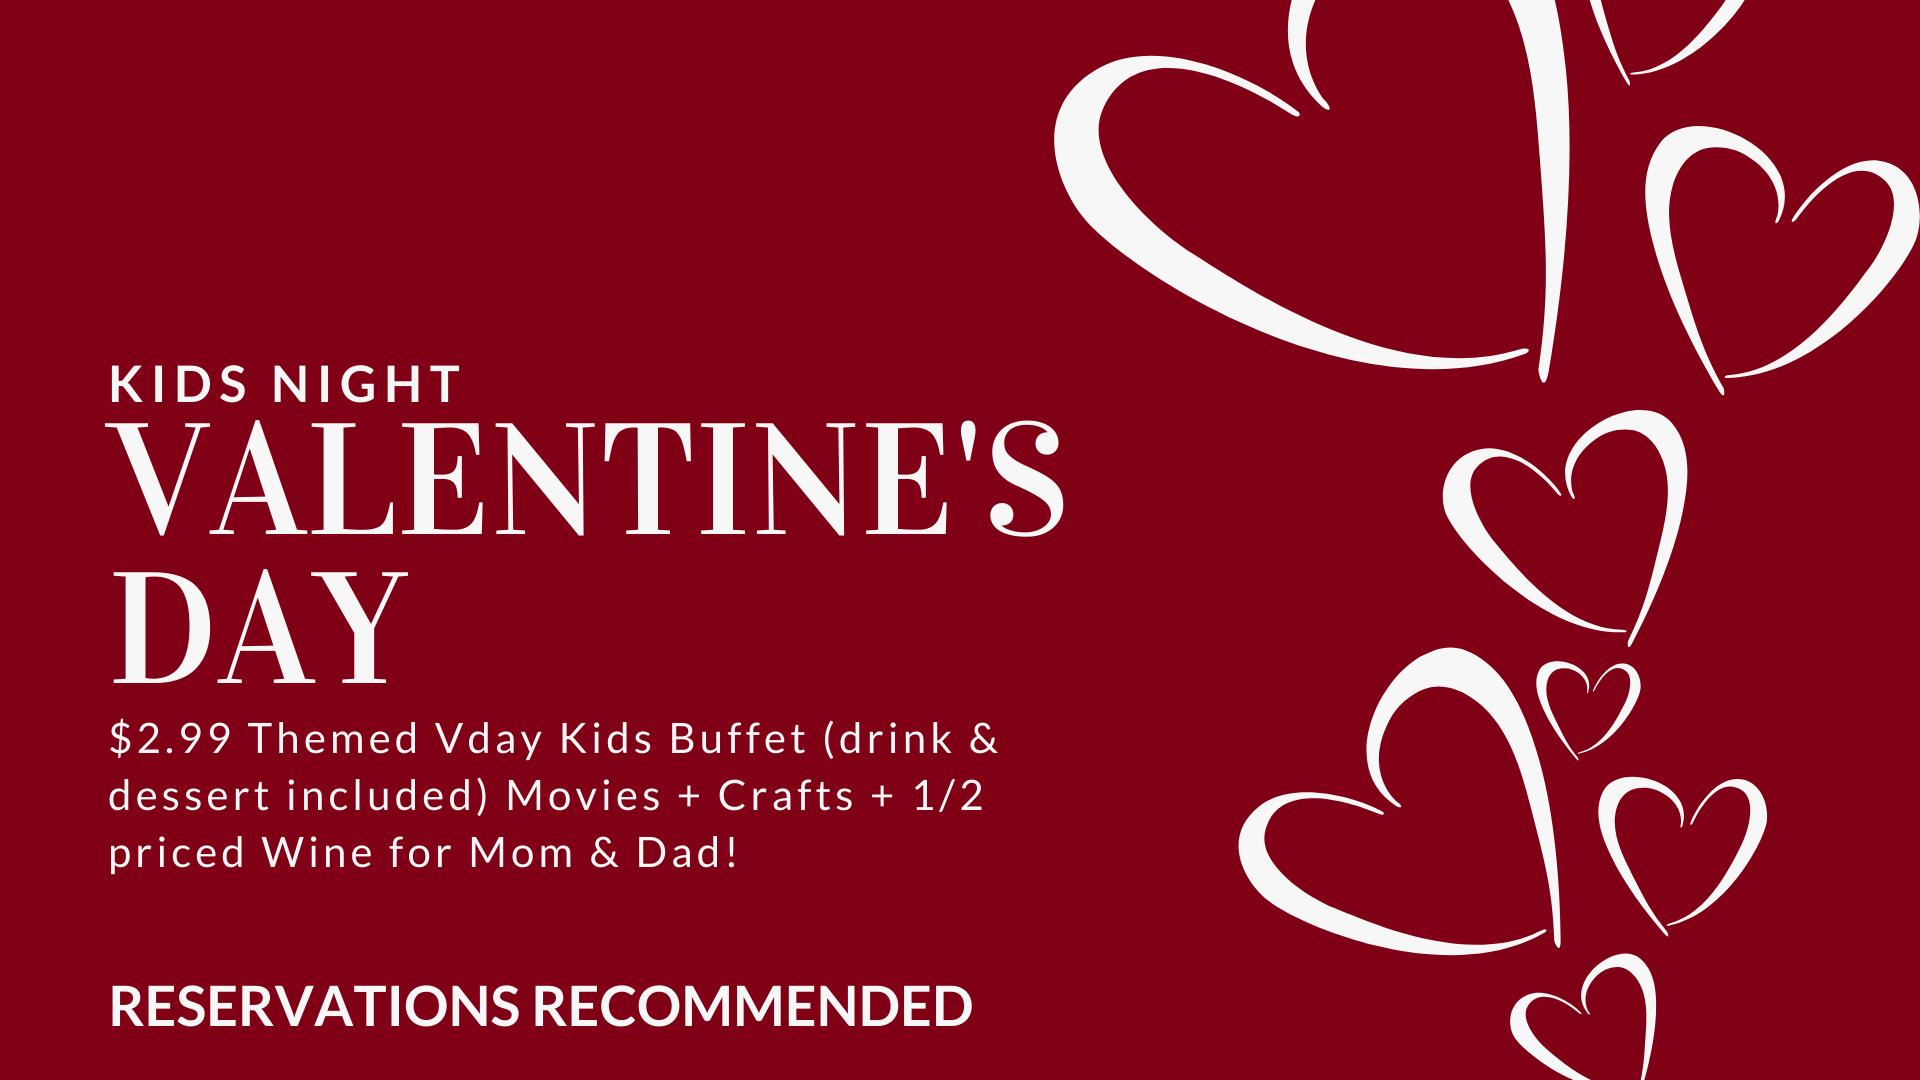 Valentine's Kids Night | Smyrna